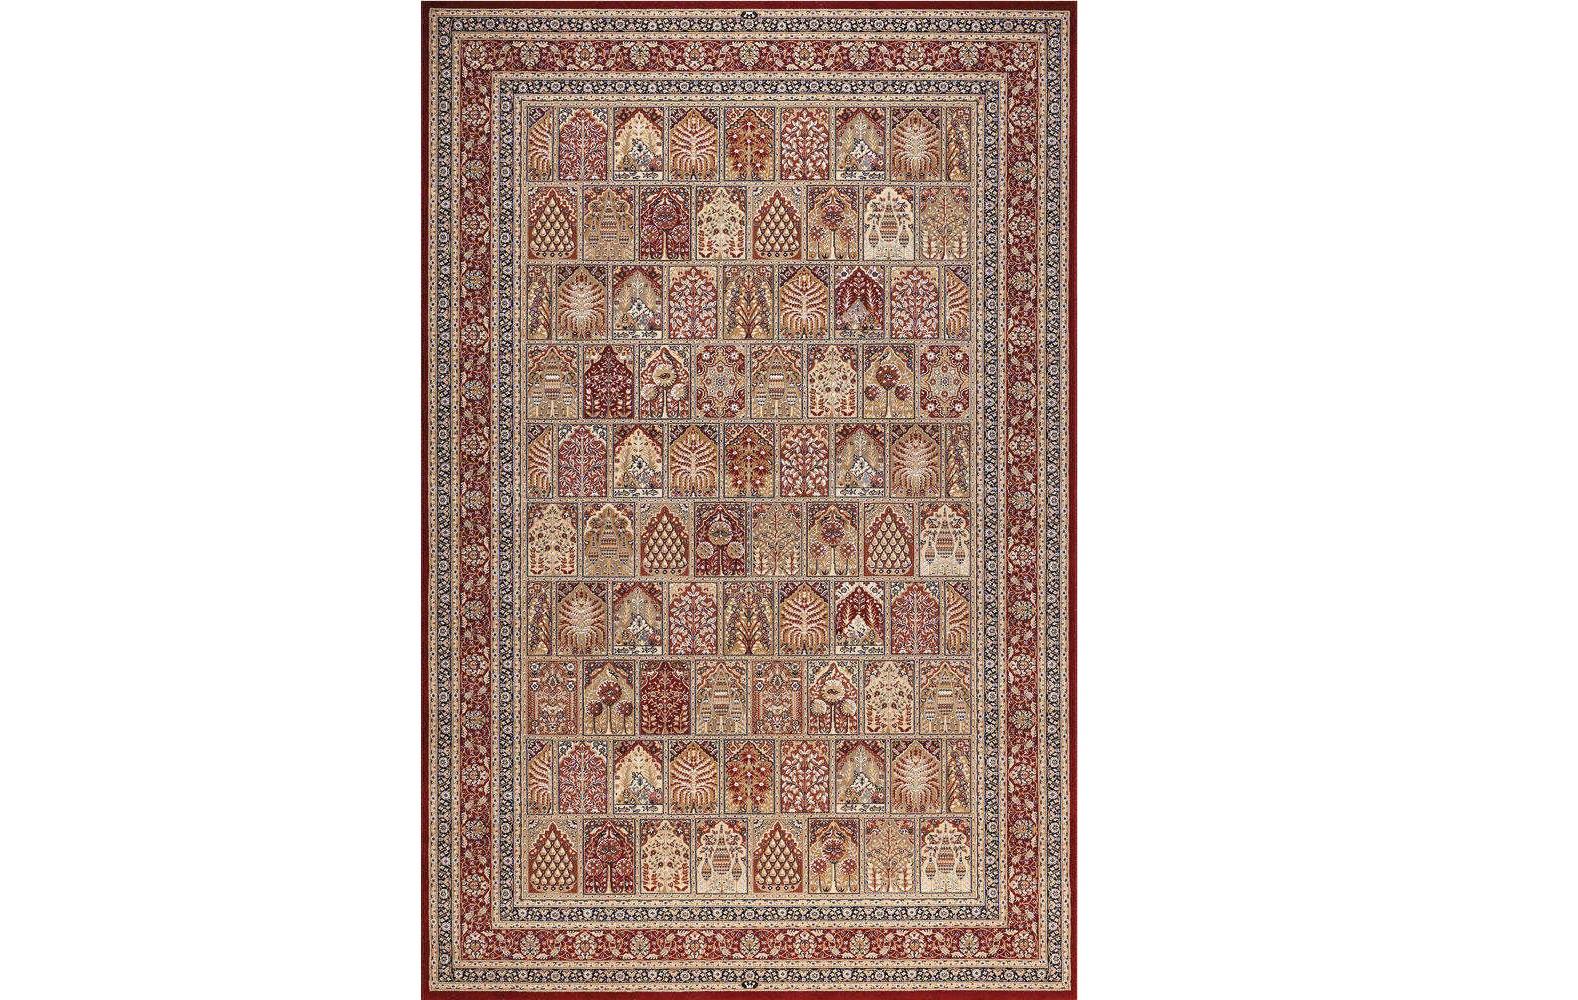 Ковер Nain mrПрямоугольные ковры<br>Размер: 2.4 х 3.4 м.Материал: шелк, шерсть.<br><br>kit: None<br>gender: None